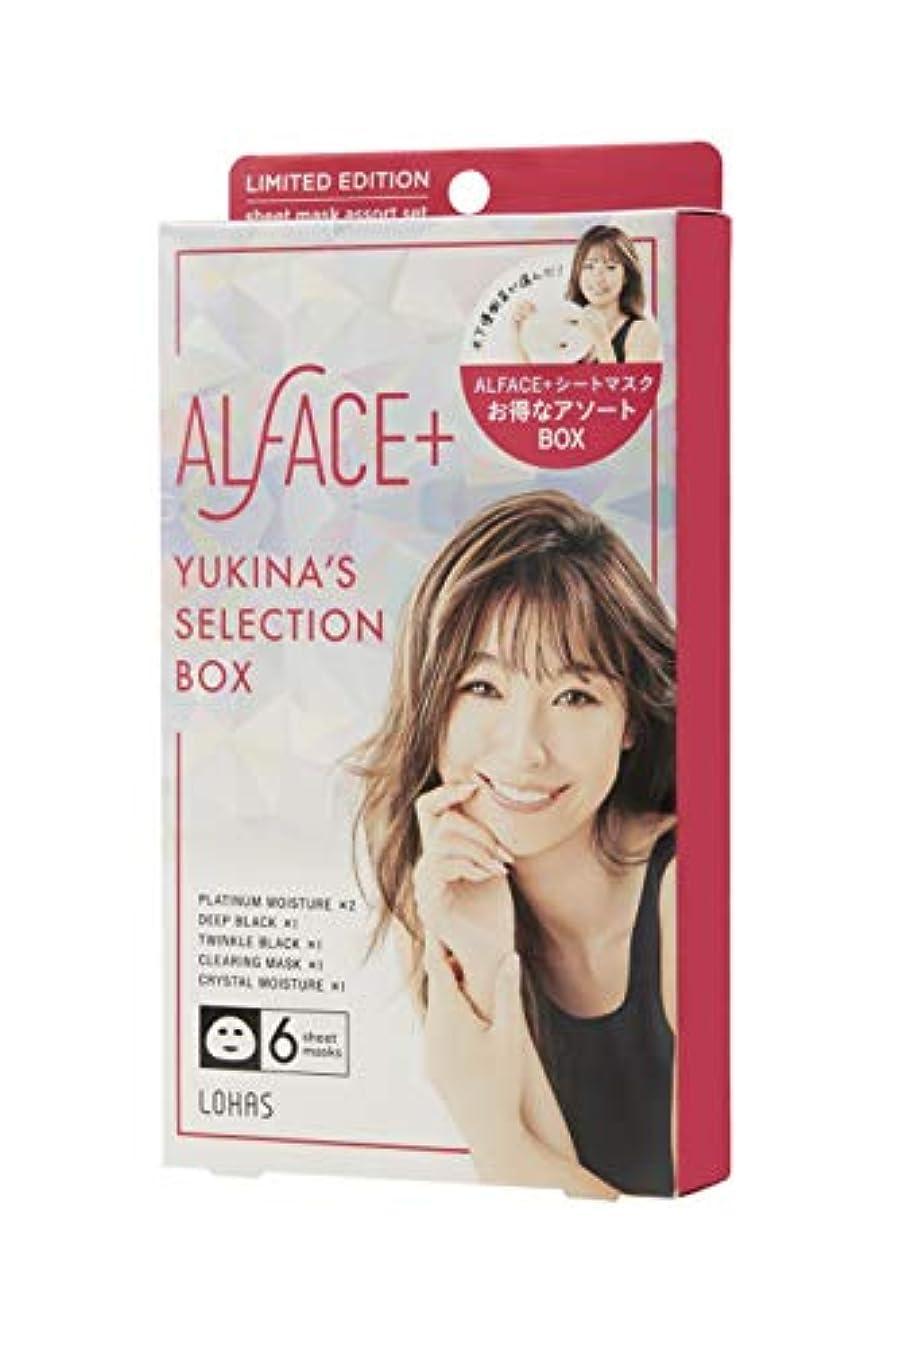 悲しいことにサークル木材ALFACE(オルフェス) オルフェス 木下優樹菜 セレクションボックス フェイスマスク 22-27ml